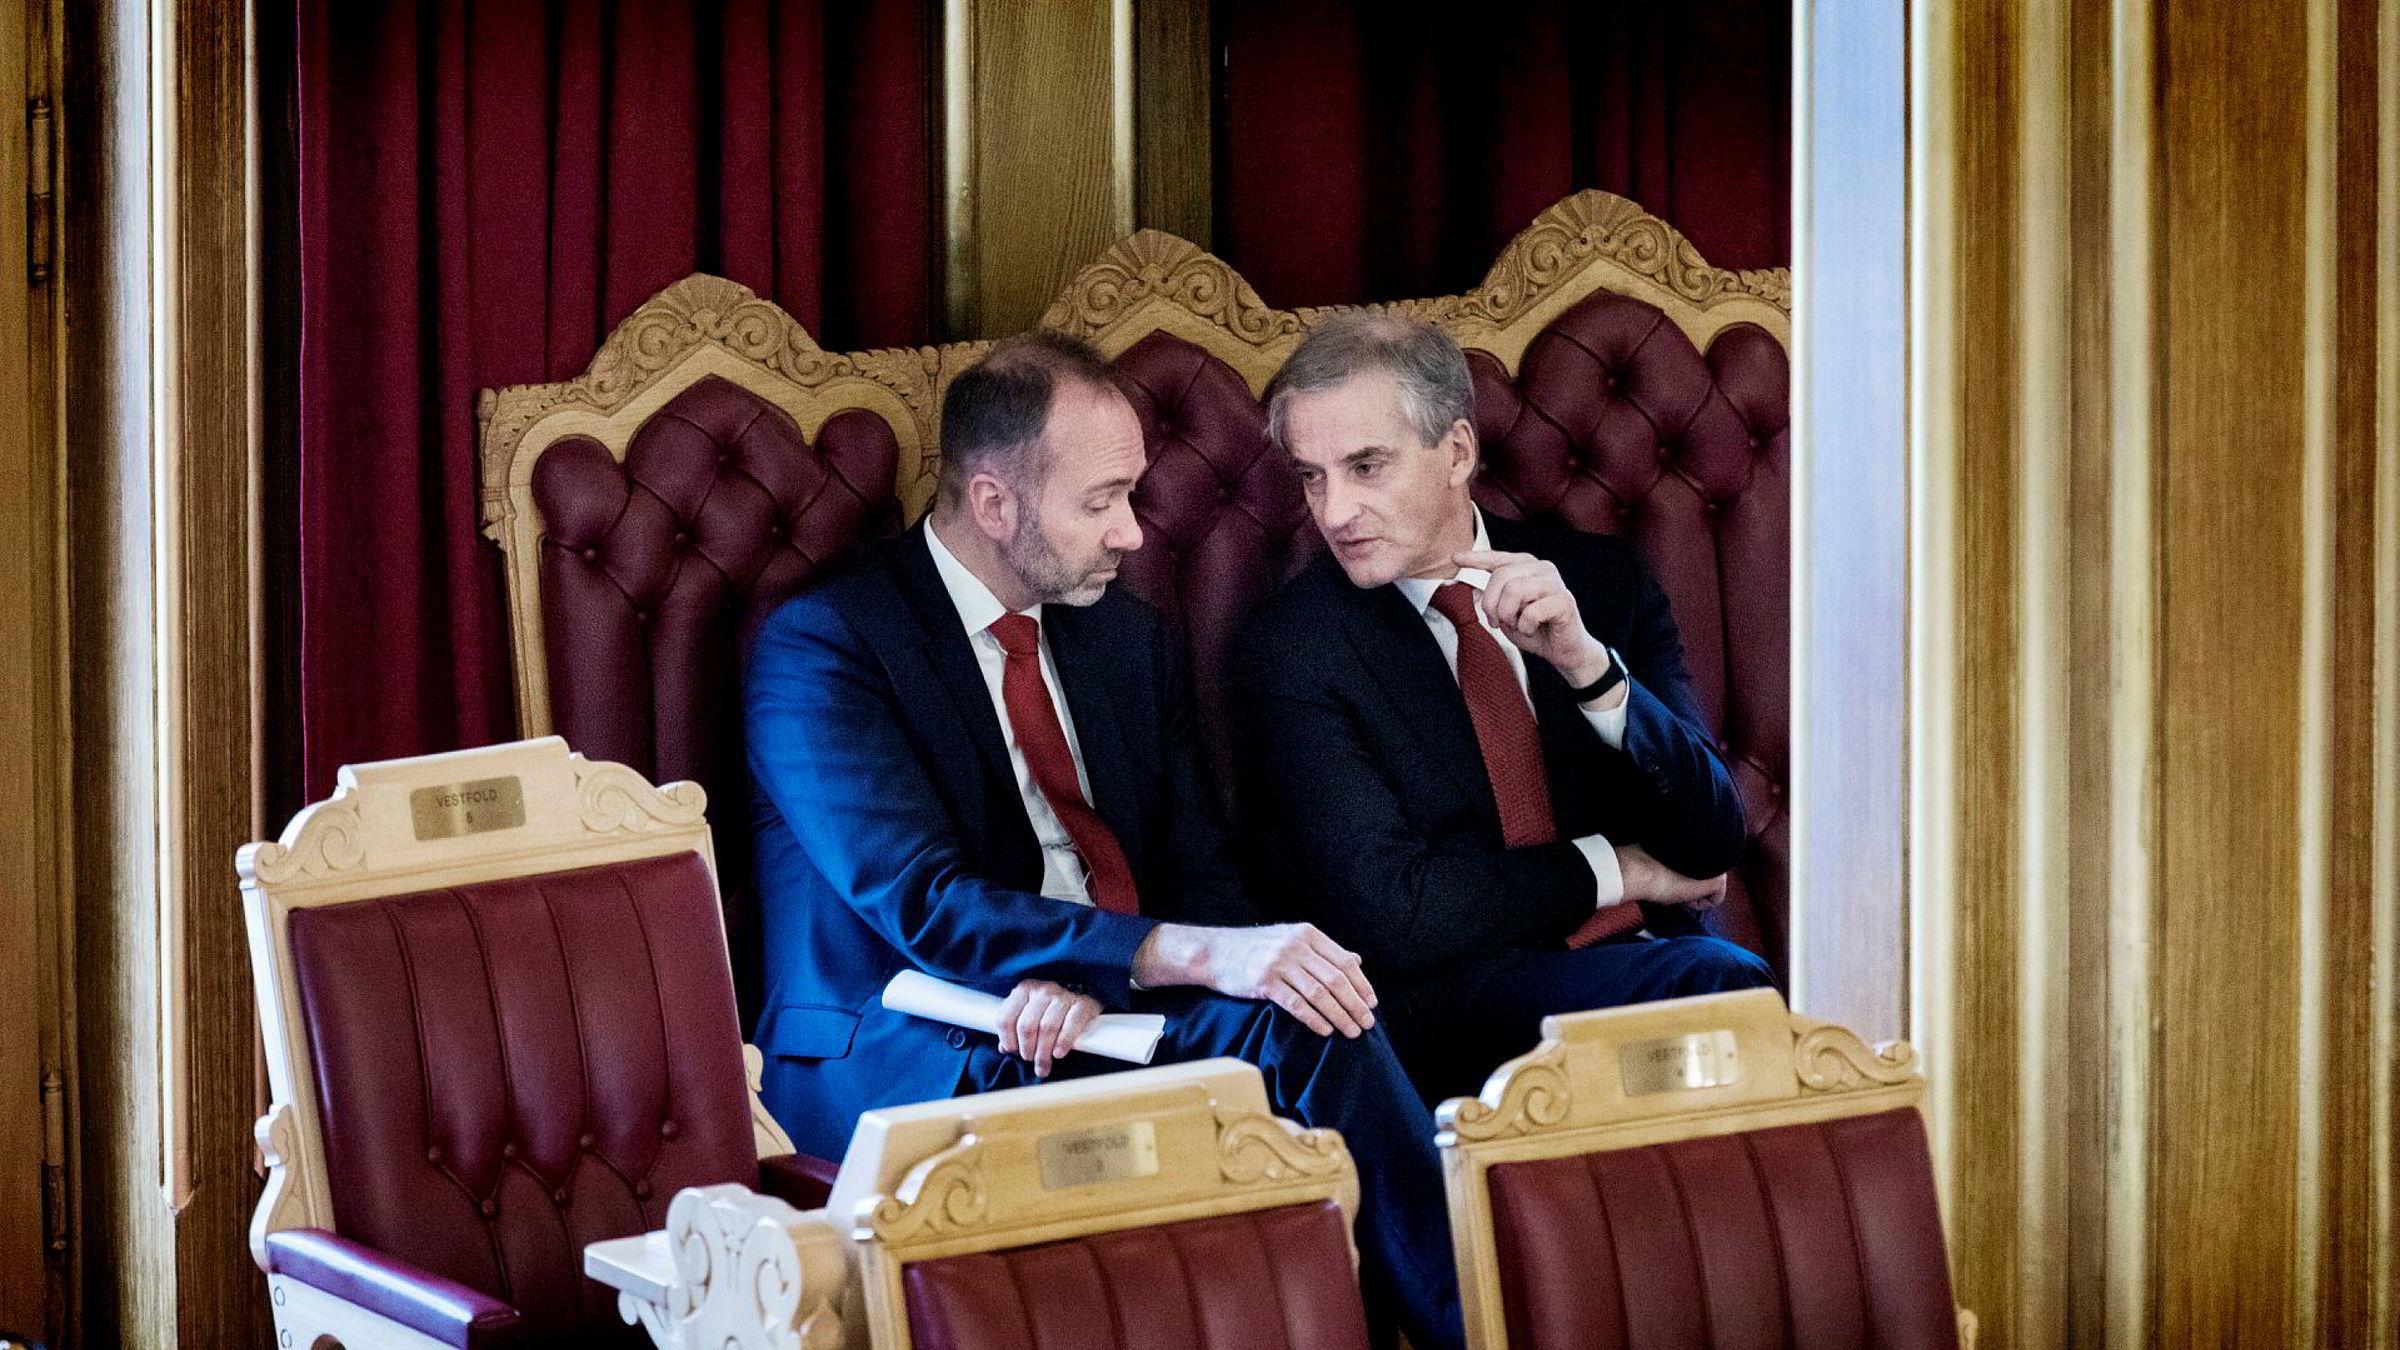 Trond Giske (til venstre) og Jonas Gahr Støre i Stortingssalen.